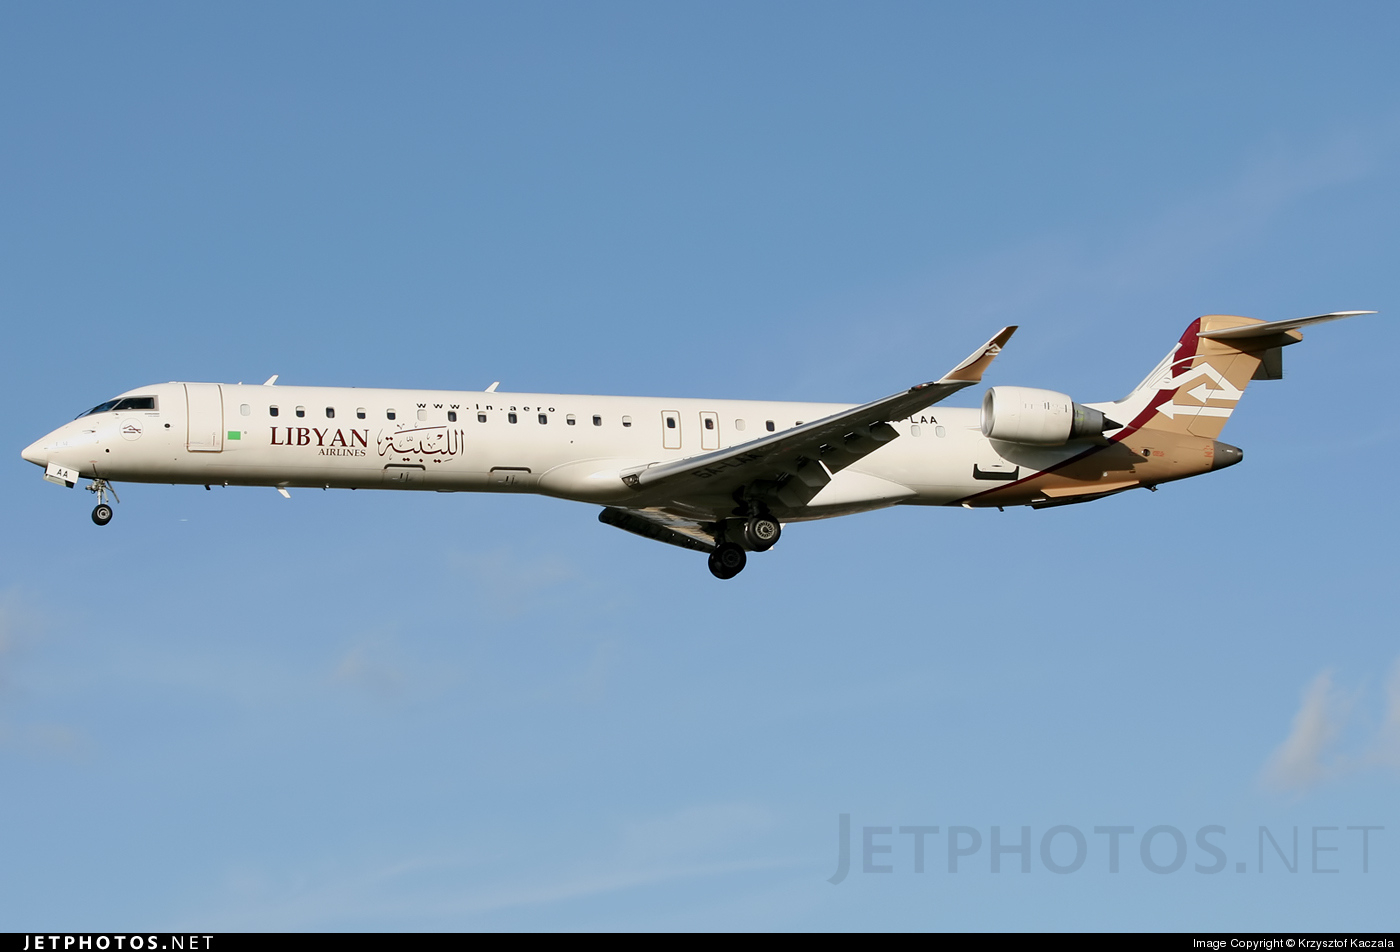 Photo of 5A-LAA Bombardier CRJ-900ER by Krzysztof Kaczala